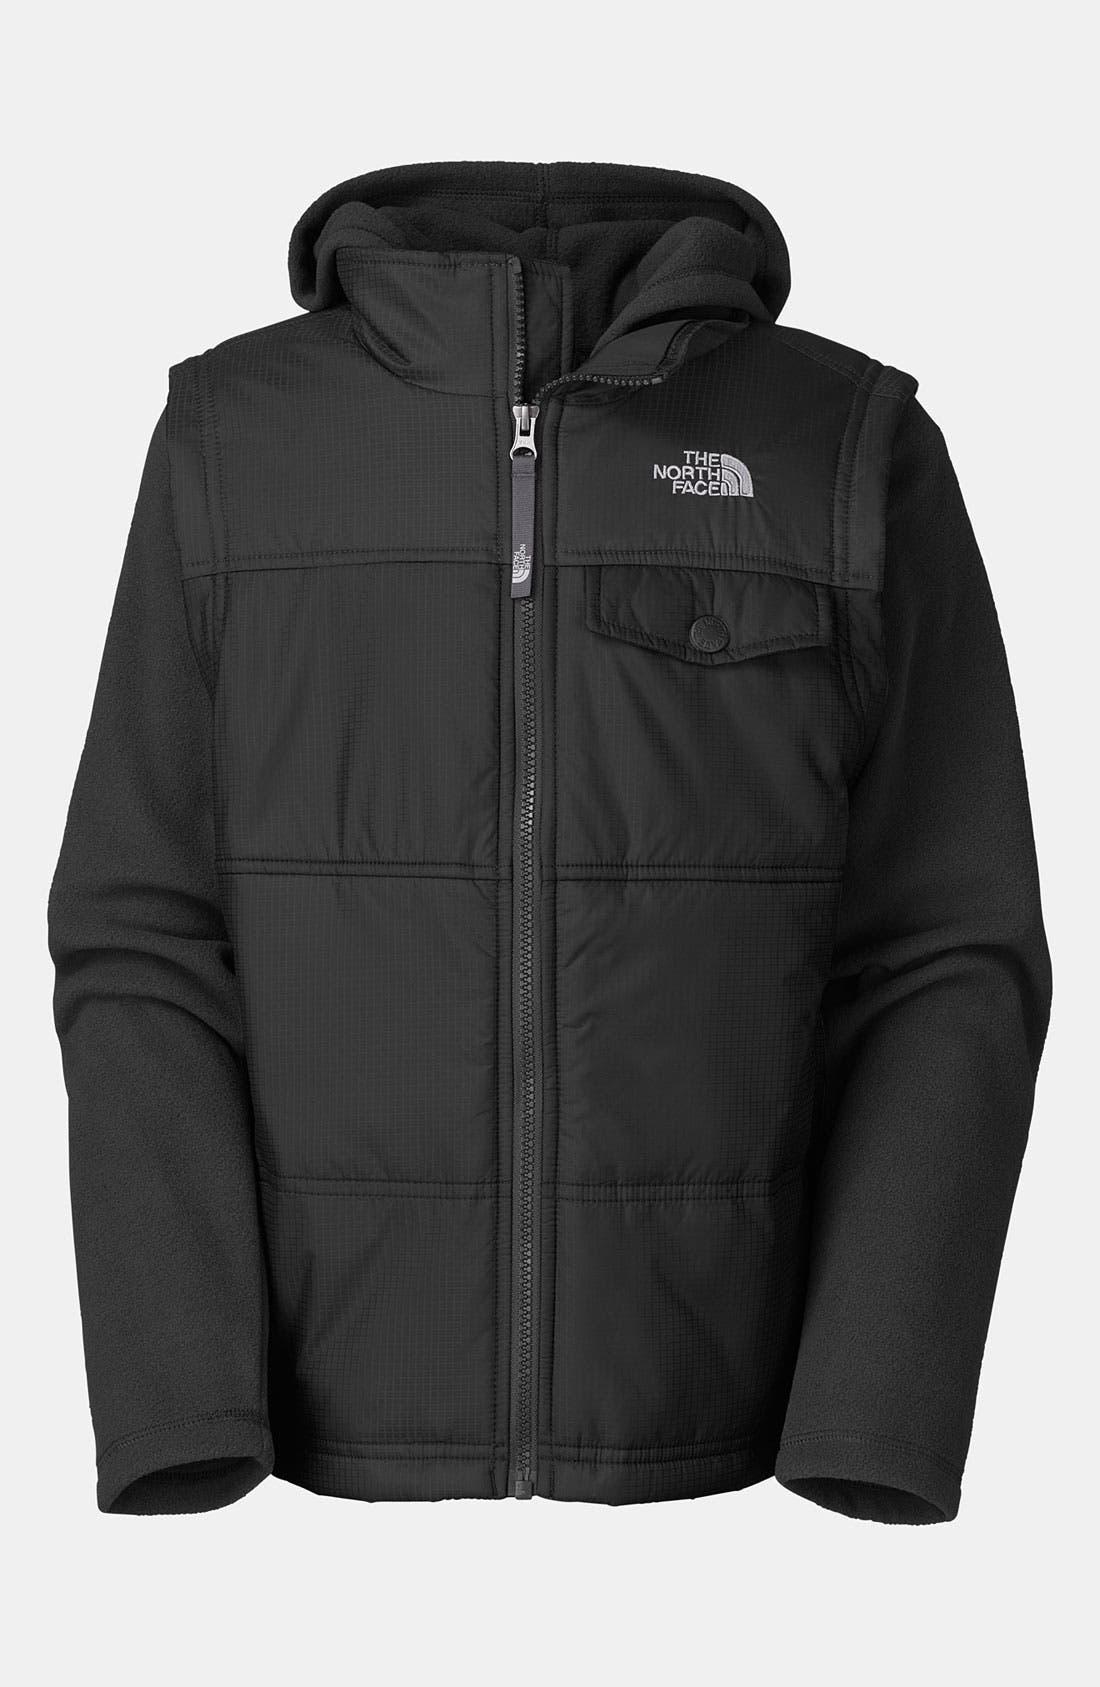 Alternate Image 1 Selected - The North Face 'Vesty Vest' Hooded Fleece Jacket (Big Boys)